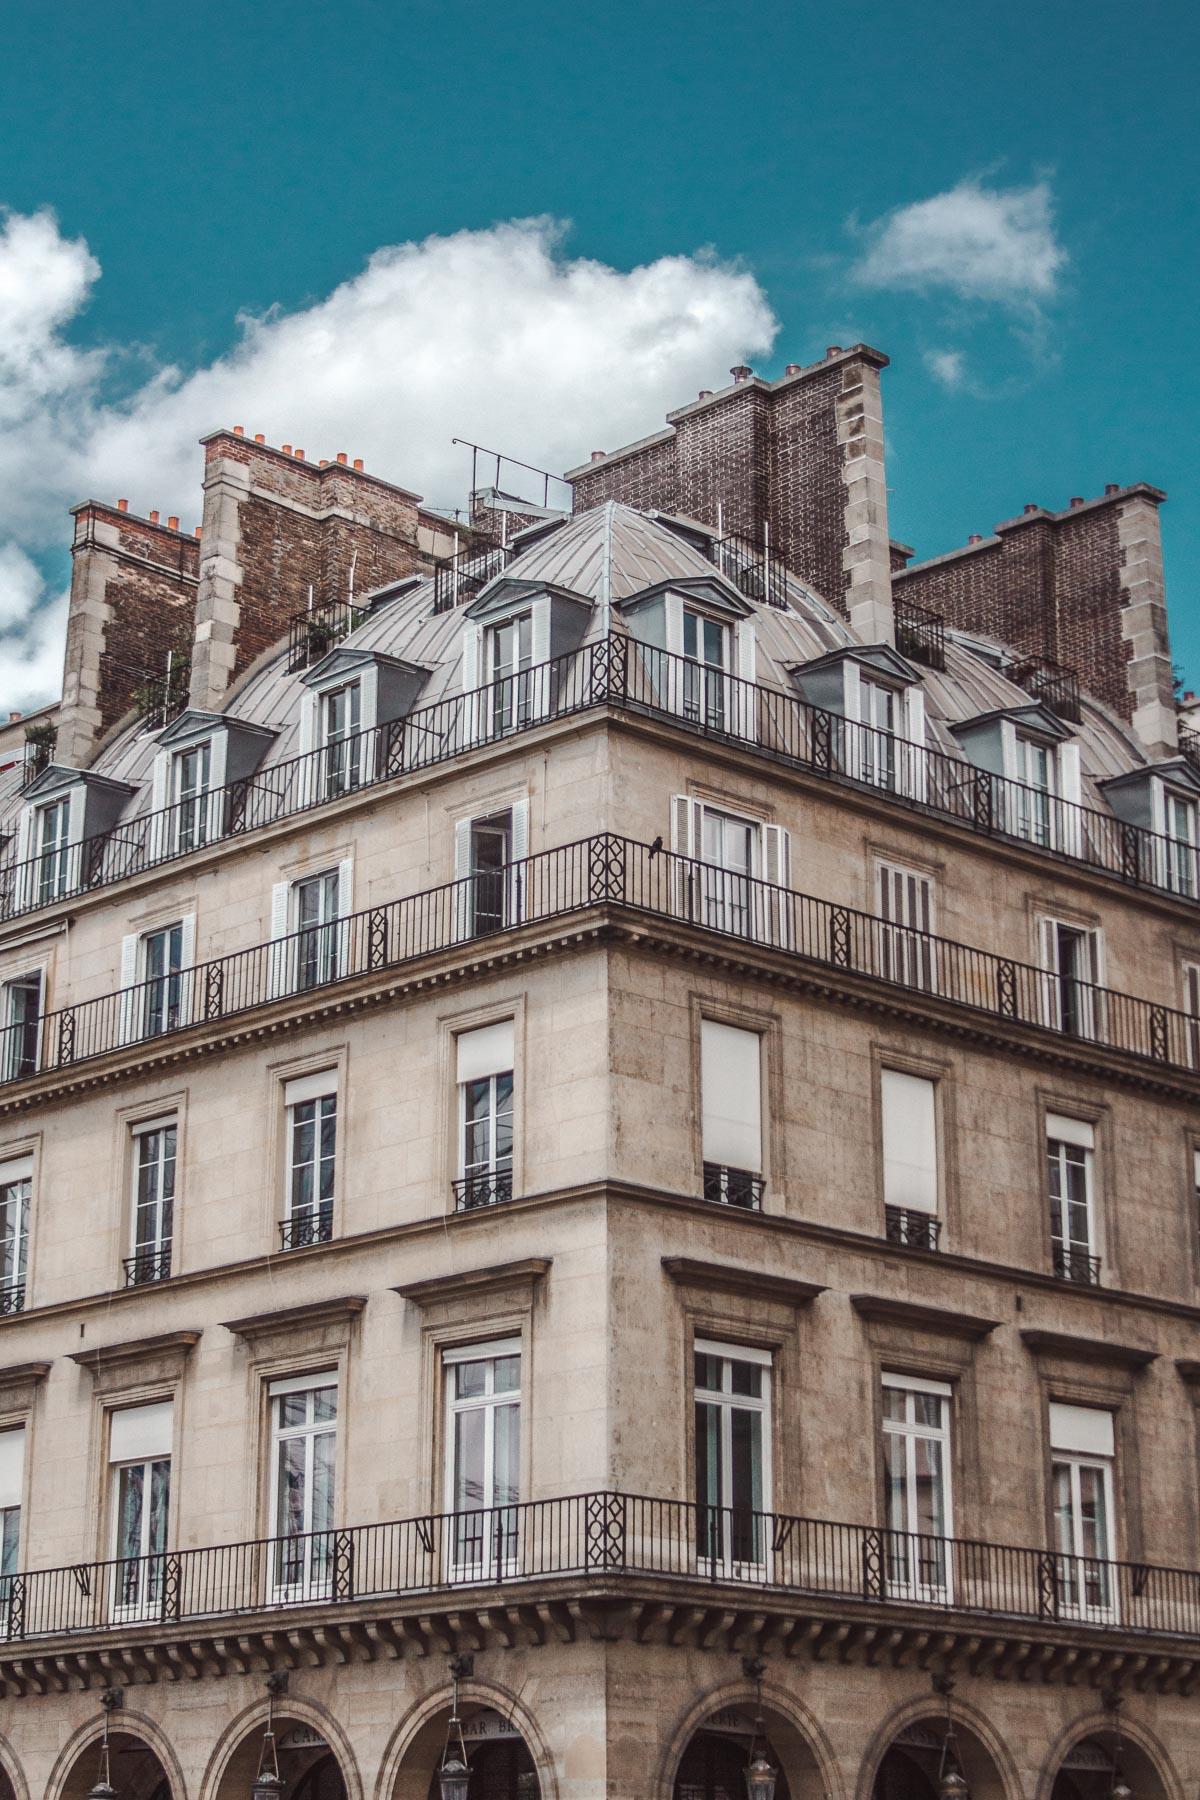 paris architecture 18th century